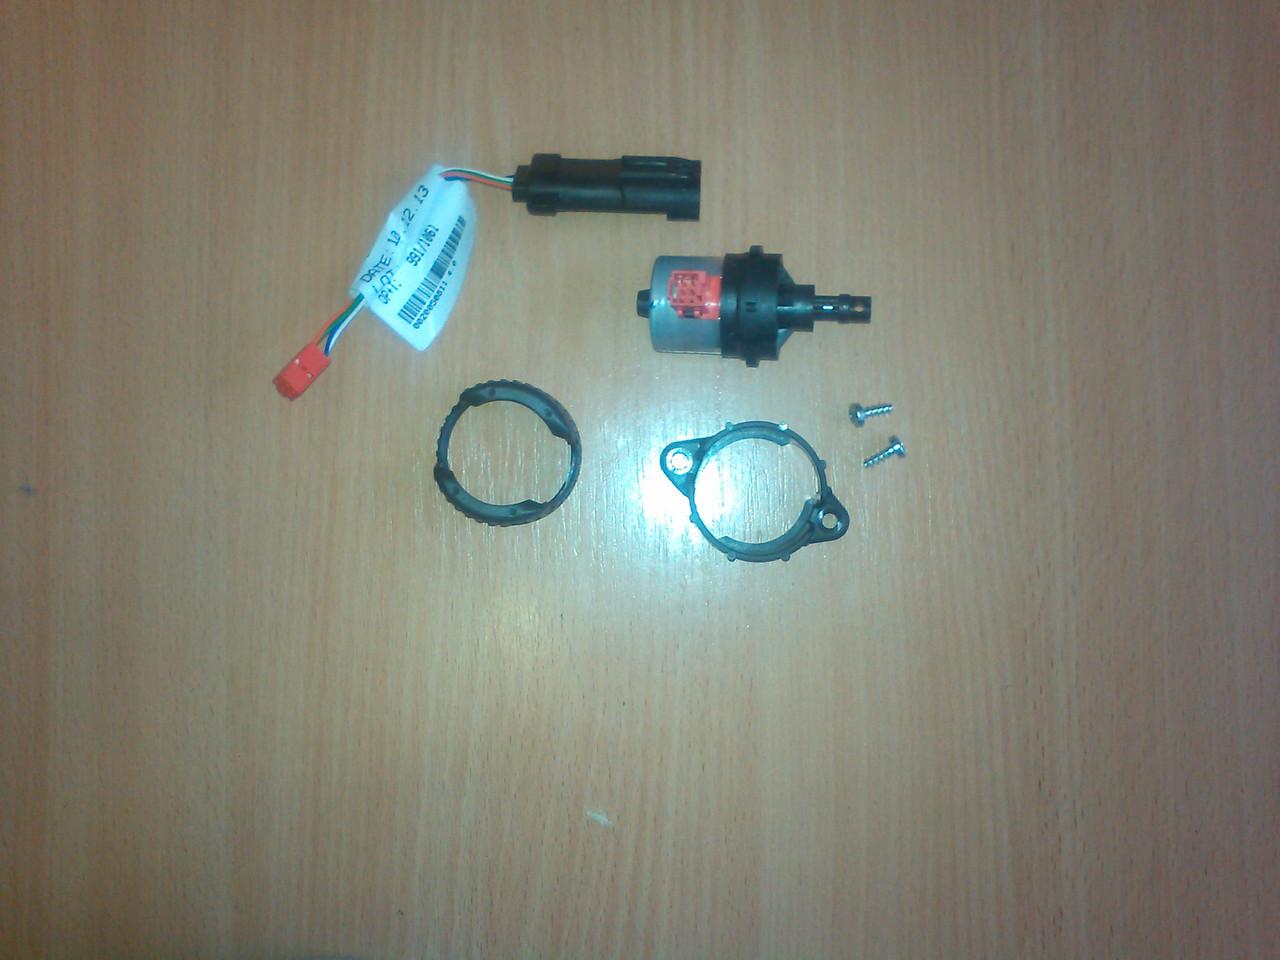 Привод трехходового клапана Saunier Duval Isofast C35EA, Isofast F35EA, Isofast F35H-MOD, SEMIA.